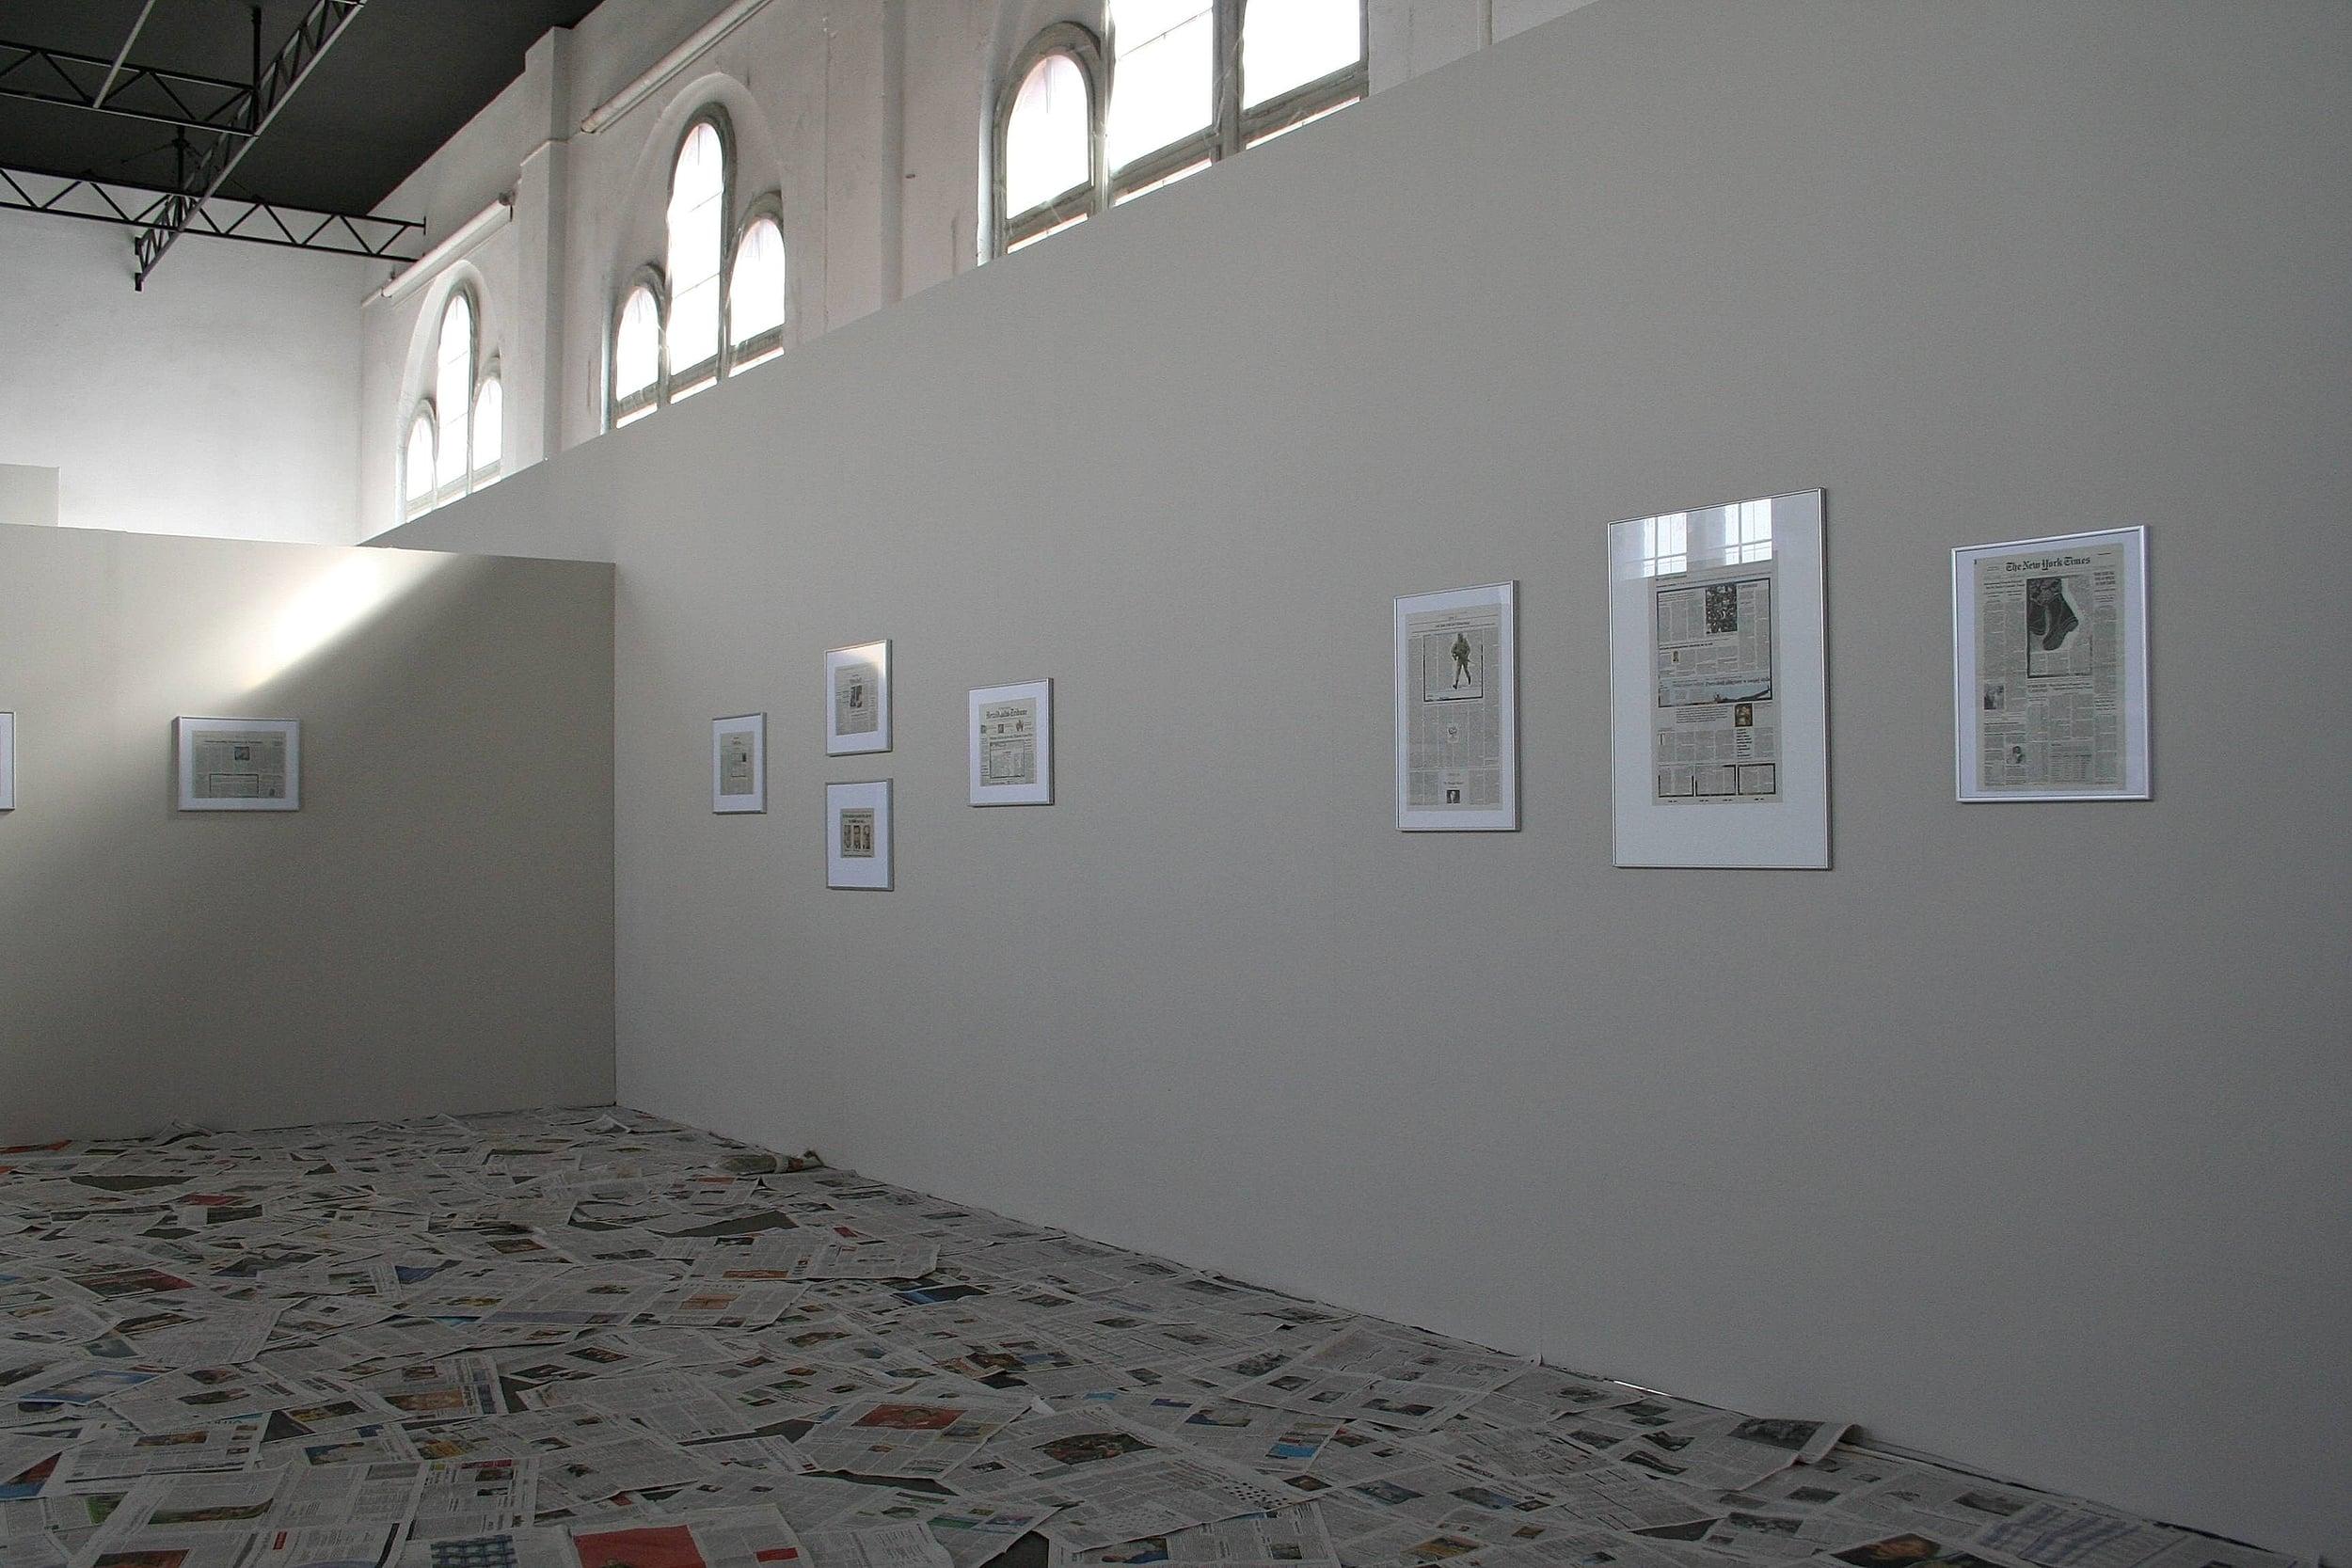 Roland Schefferski, Empty Images, 2007